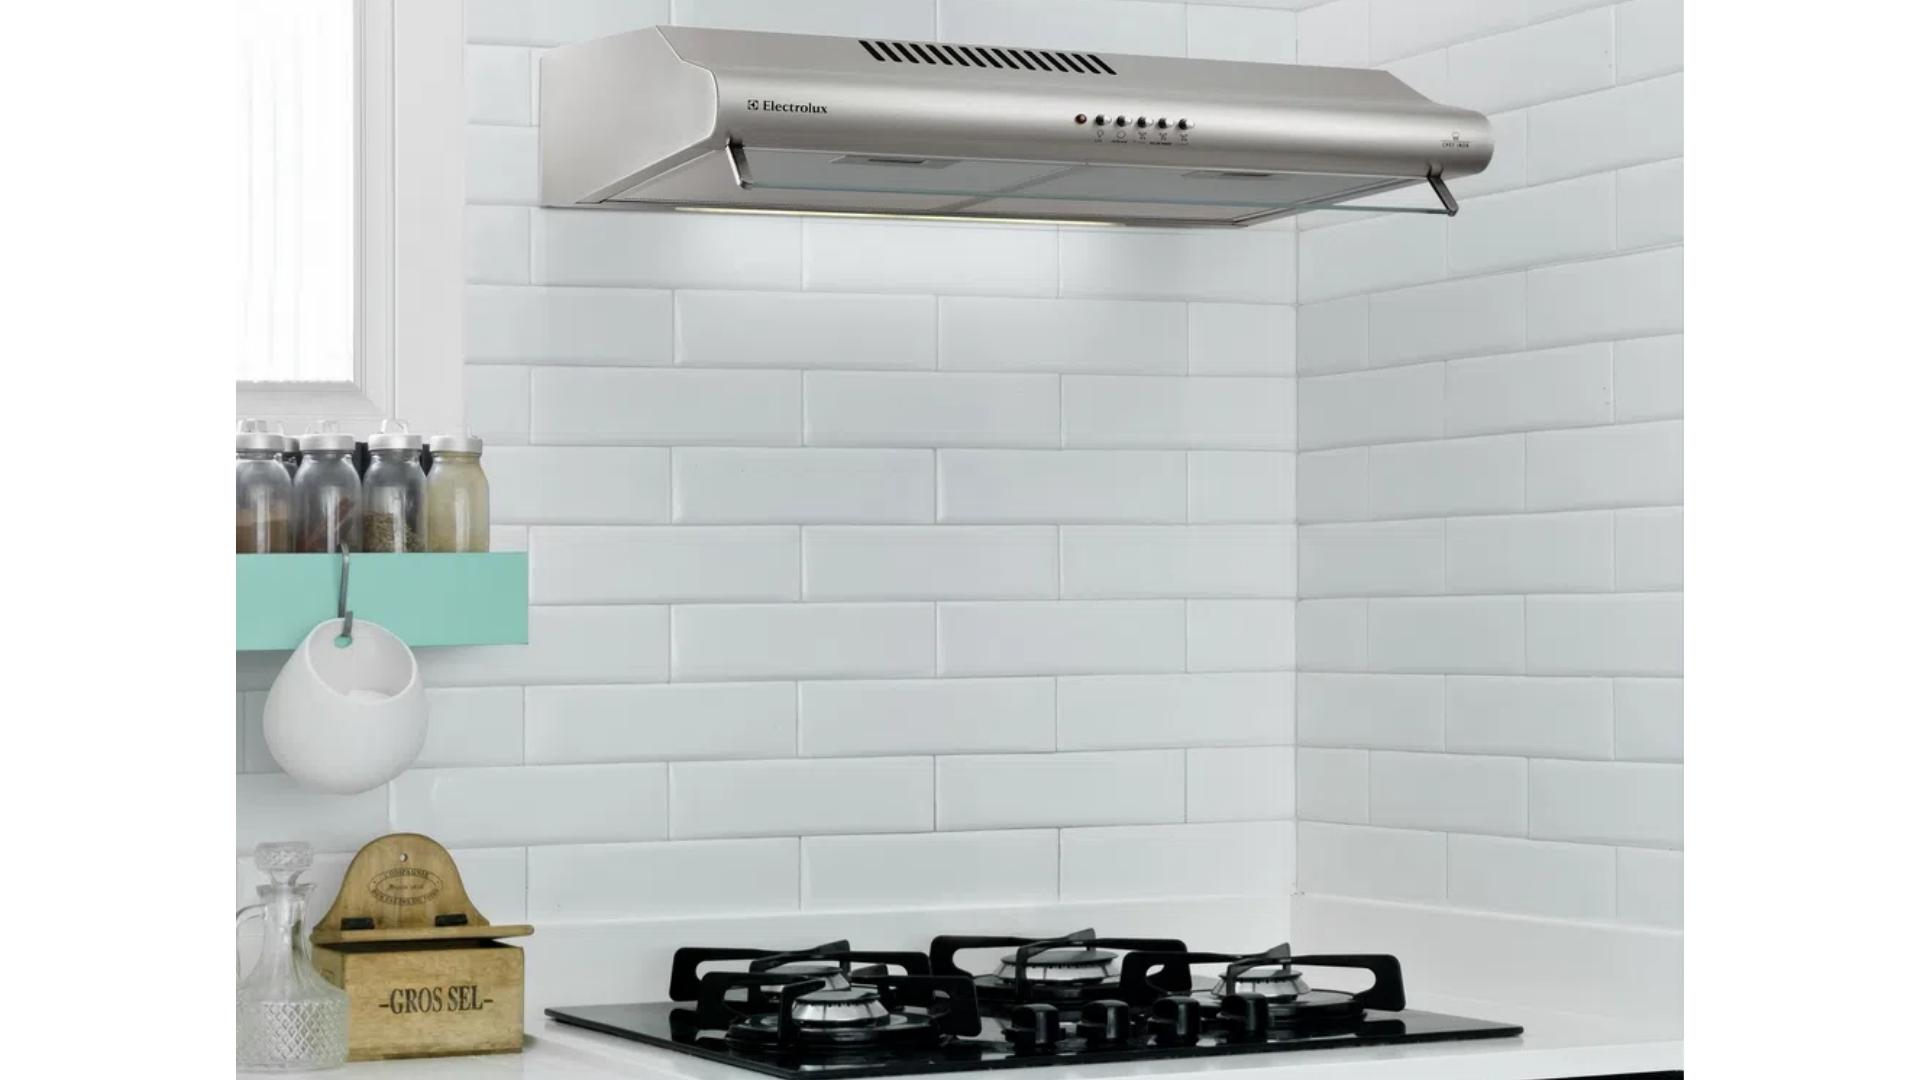 O depurador de ar precisa ser higienizado periodicamente. (Imagem: Divulgação/Electrolux)